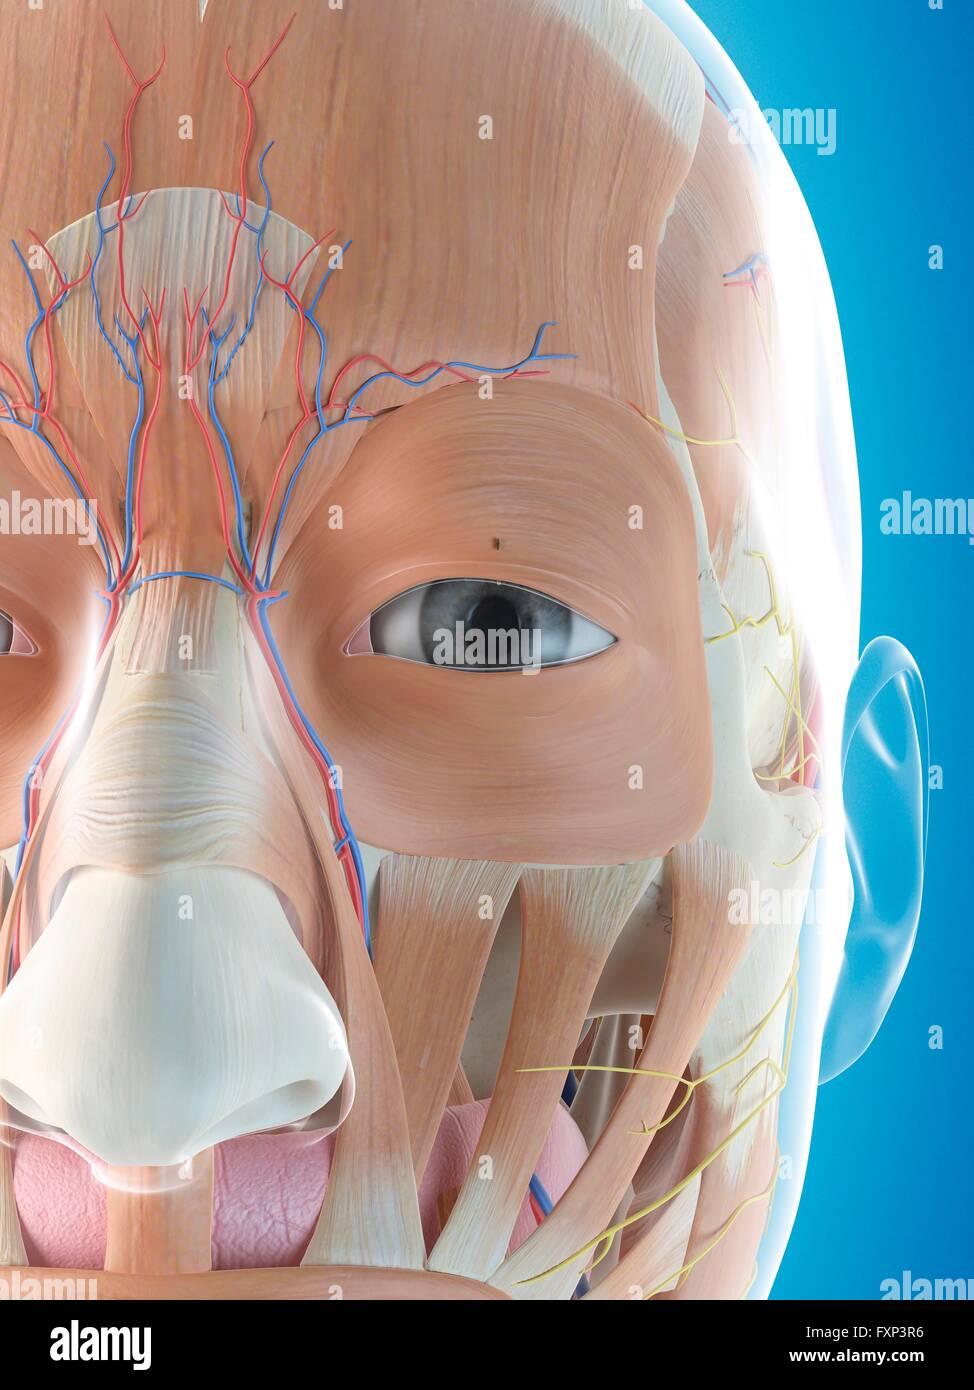 Menschliches Gesicht Anatomie, Computer Bild Stockfoto, Bild ...